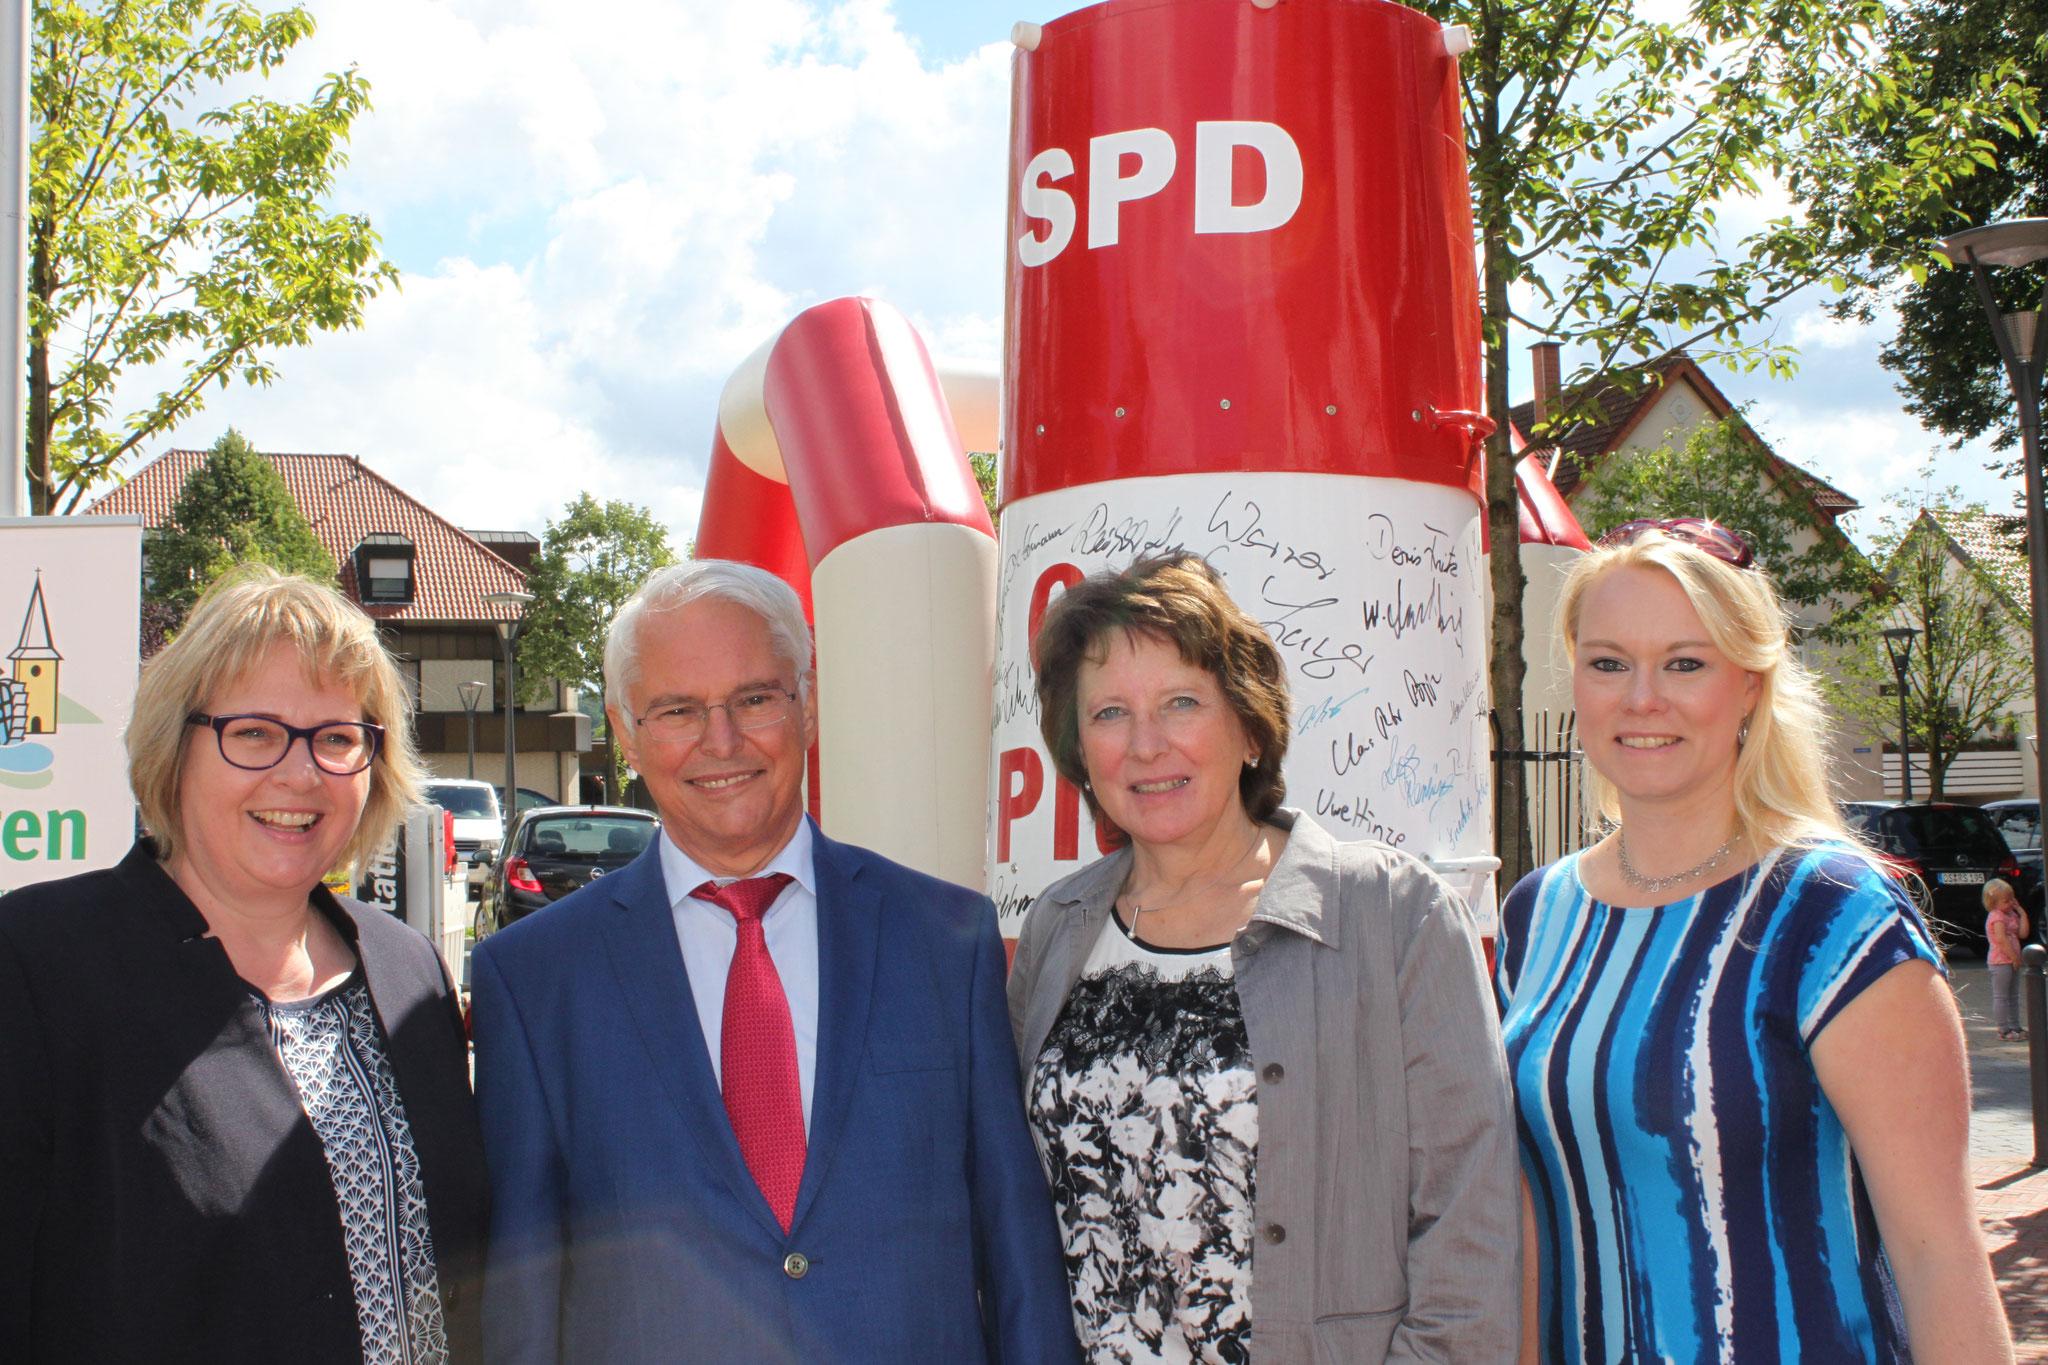 Antje Schulte-Schoh, Peter-Jürgen Schneider, Jutta Olbricht und Jutta Dettmann.